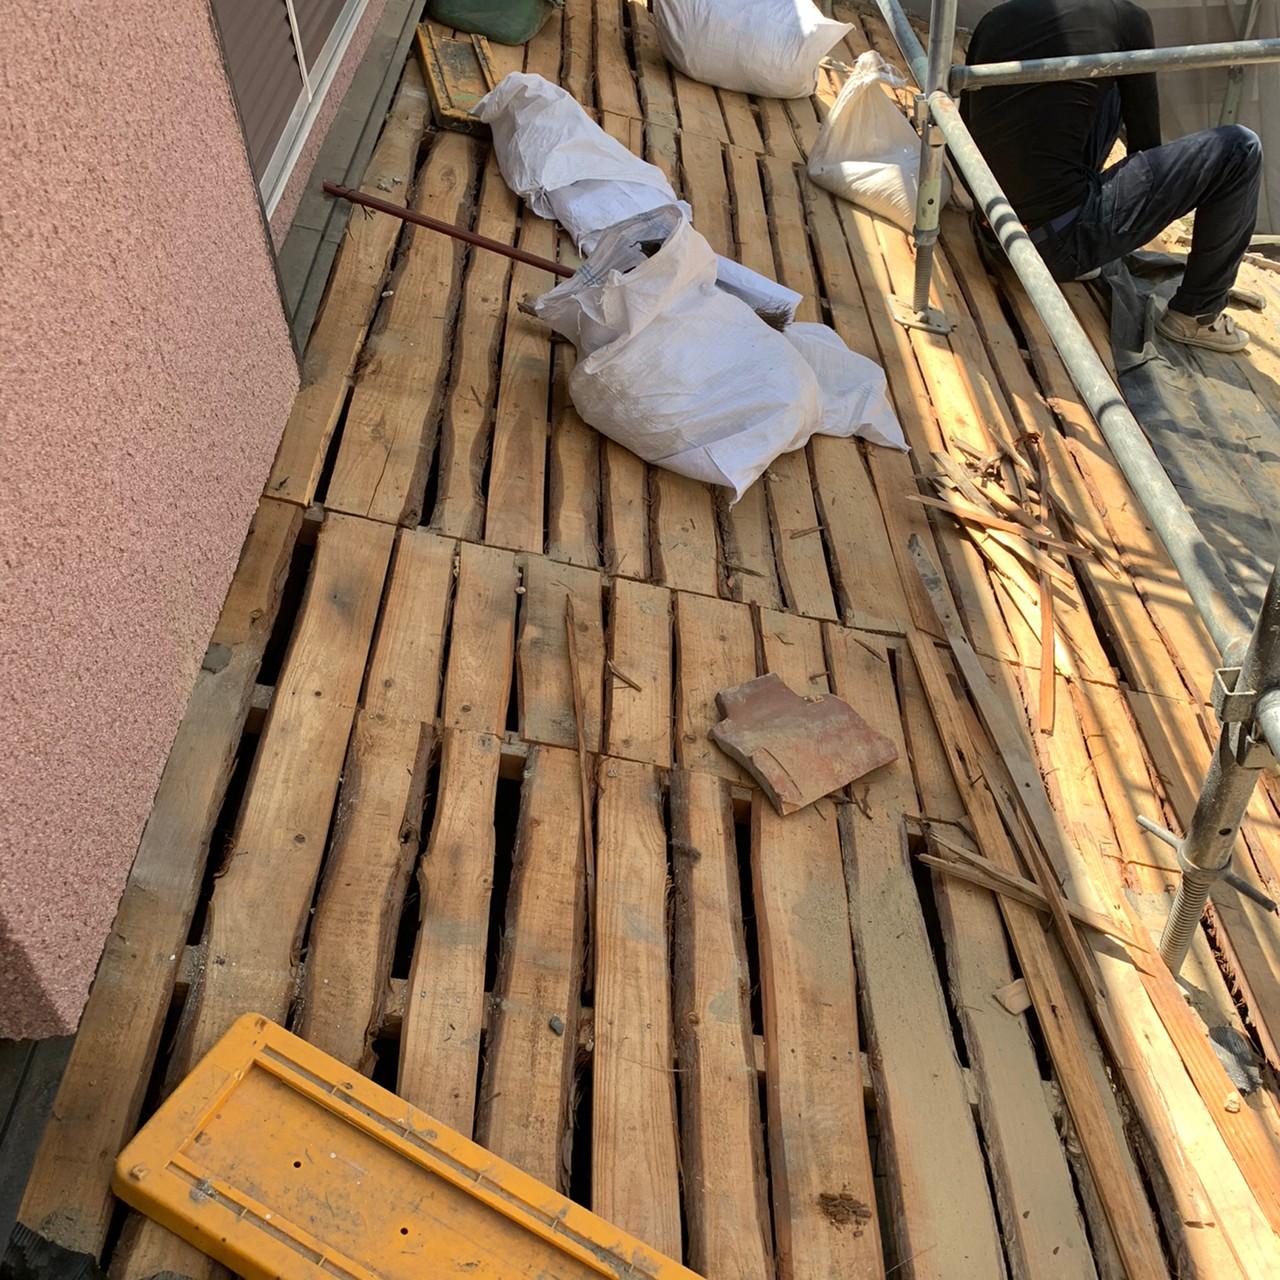 瓦屋根葺き替え工事で土を撤去した様子